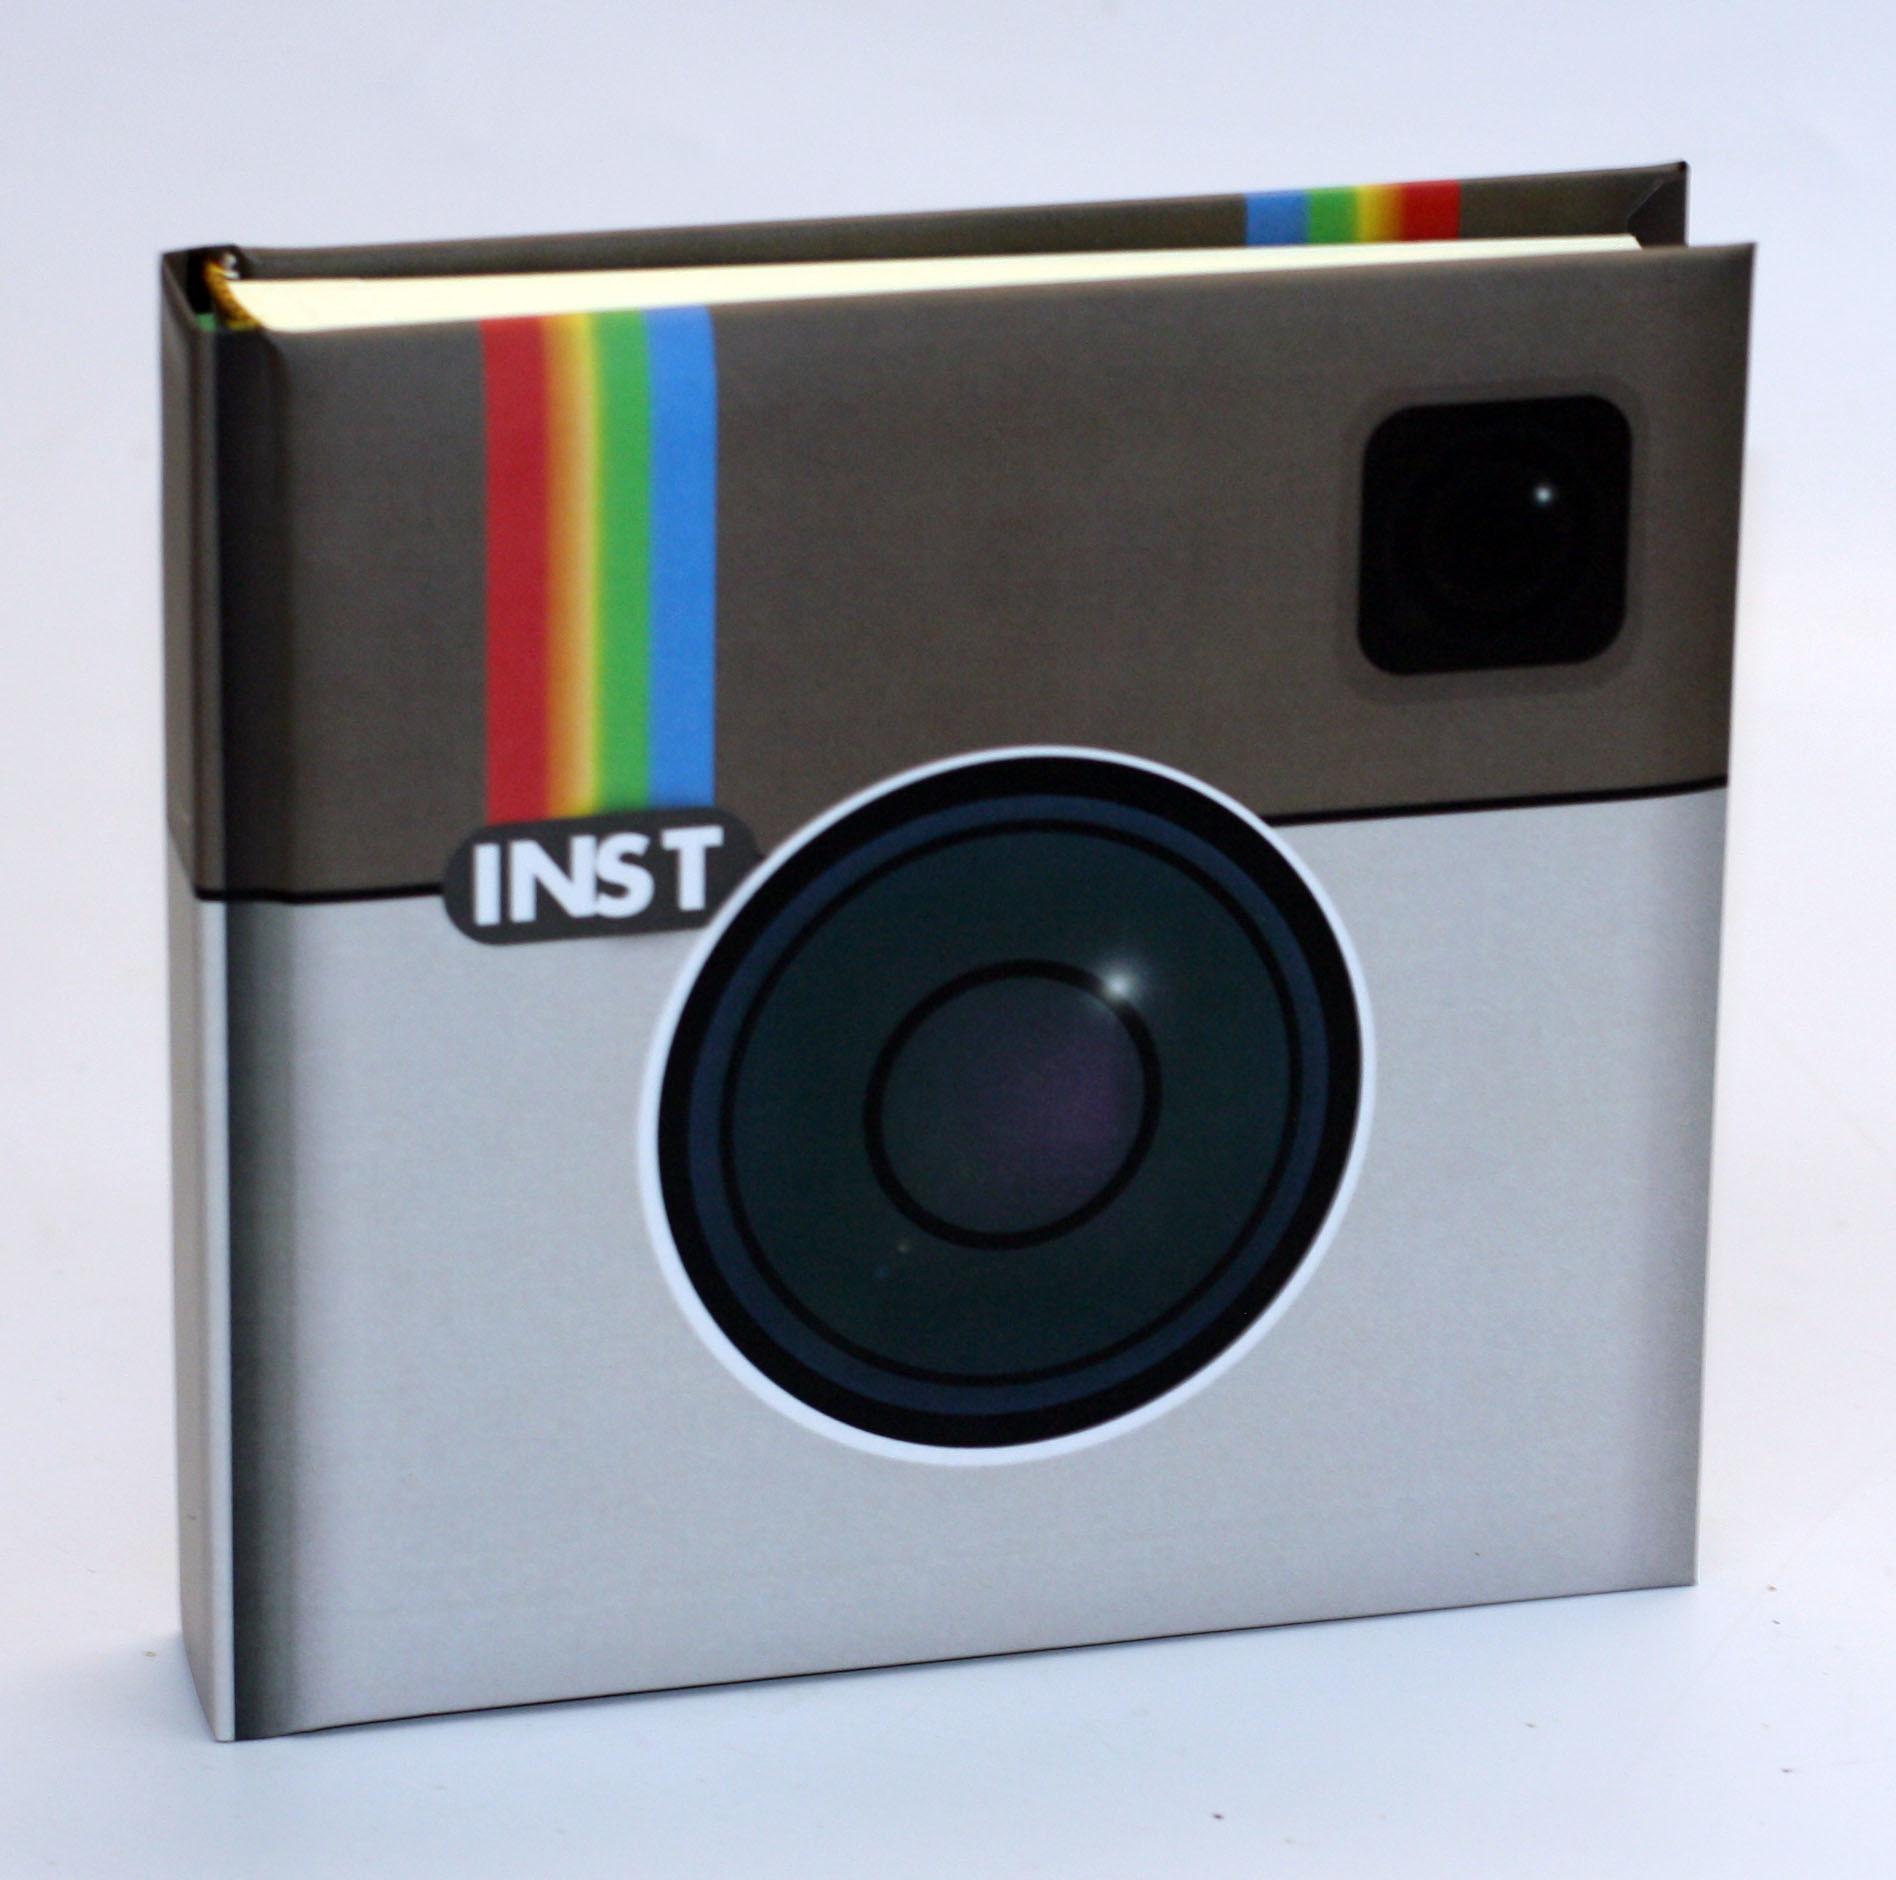 альбом для фото из инстаграм